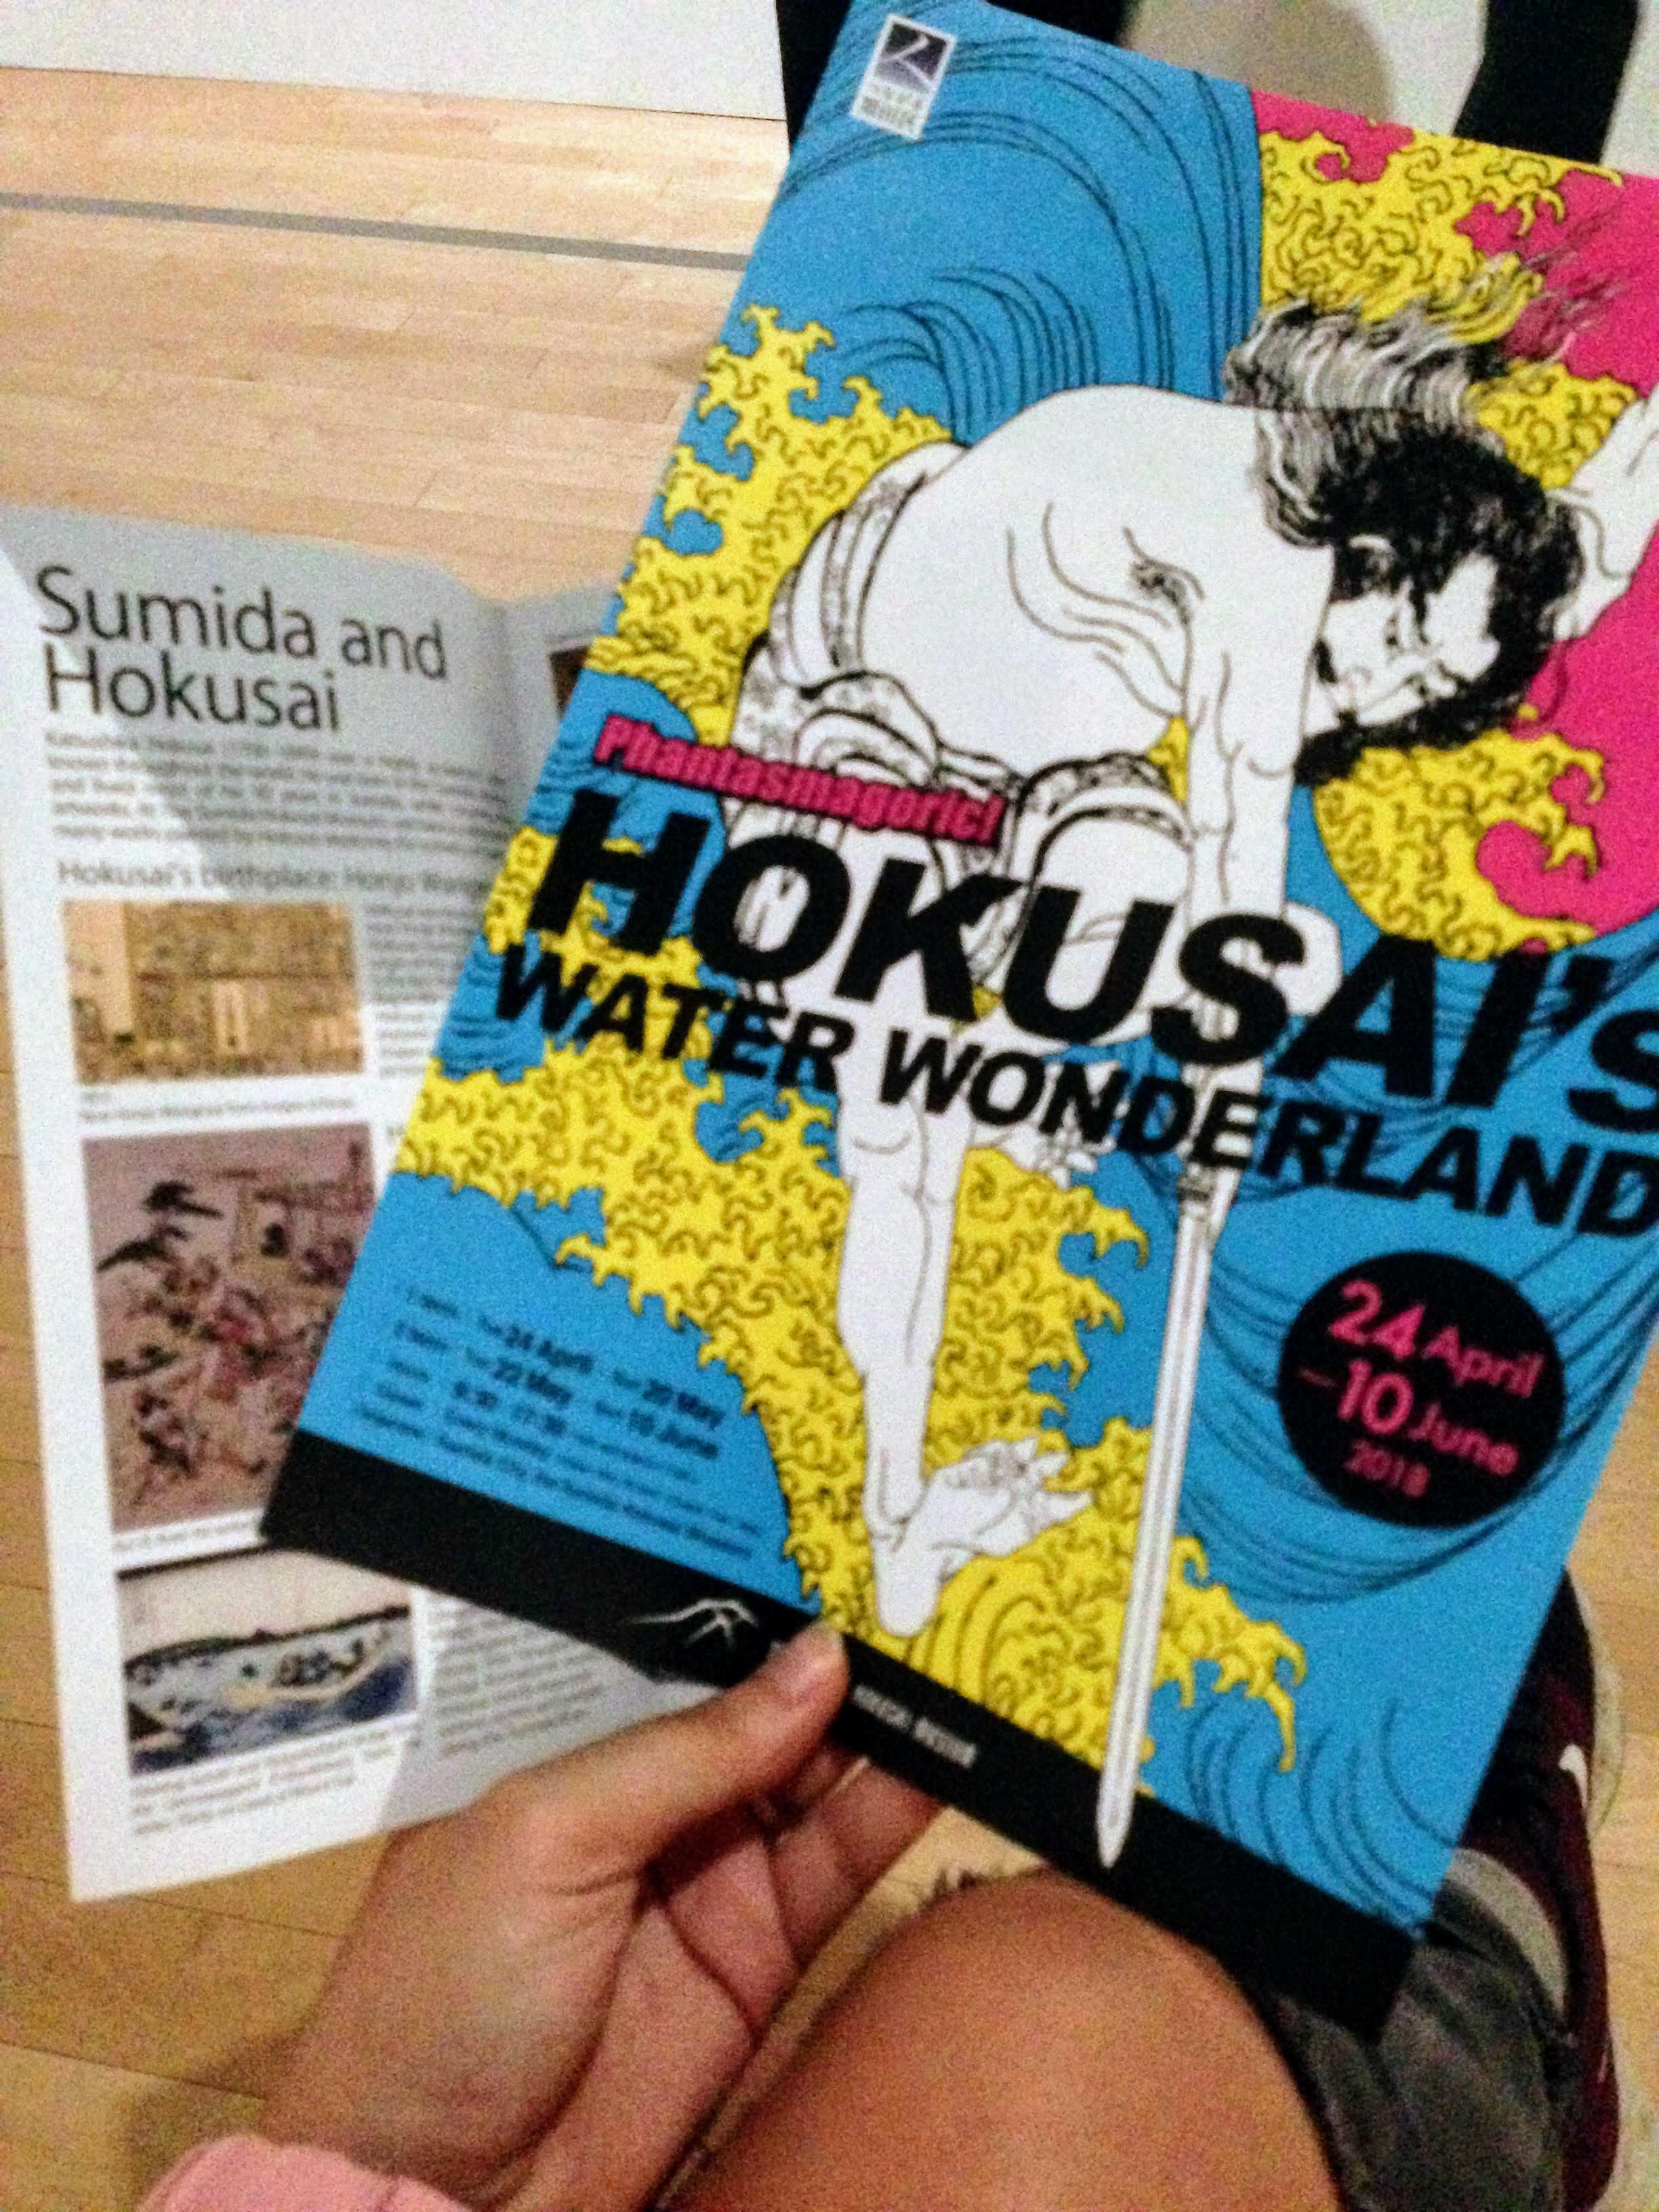 Hokusai museum Tokyo Japan art the wave